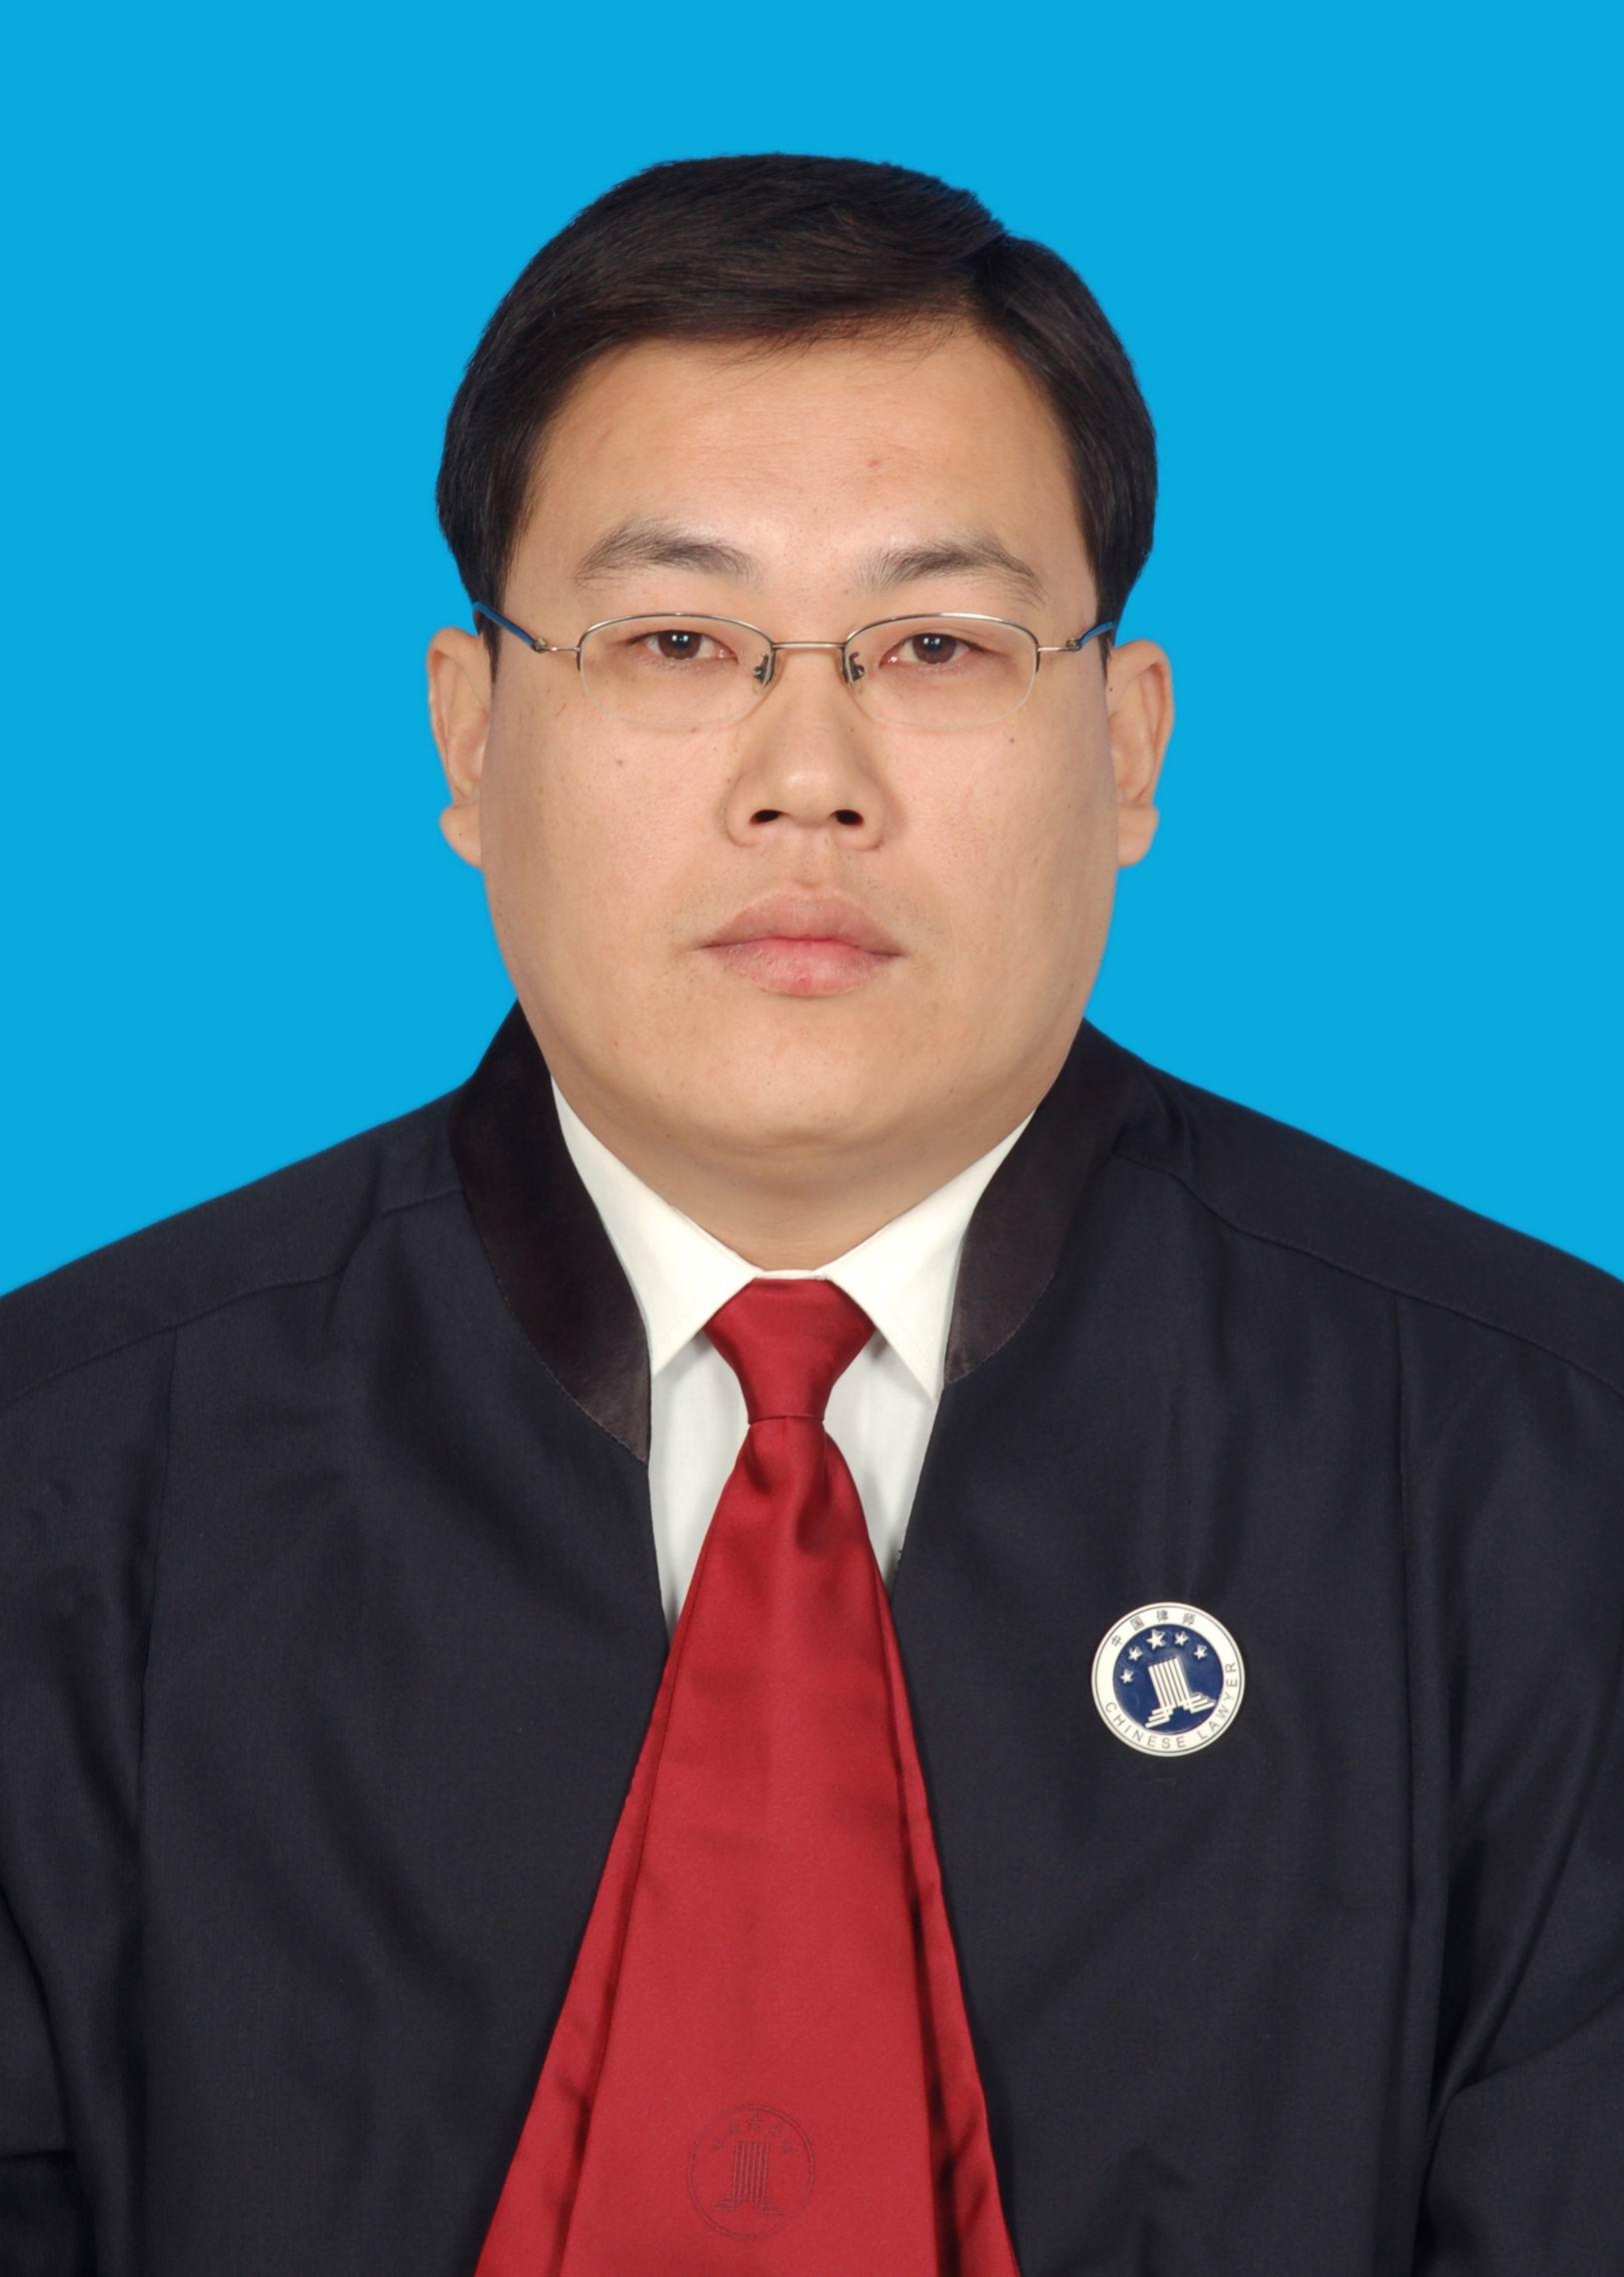 聊城律師-鄭紀盈